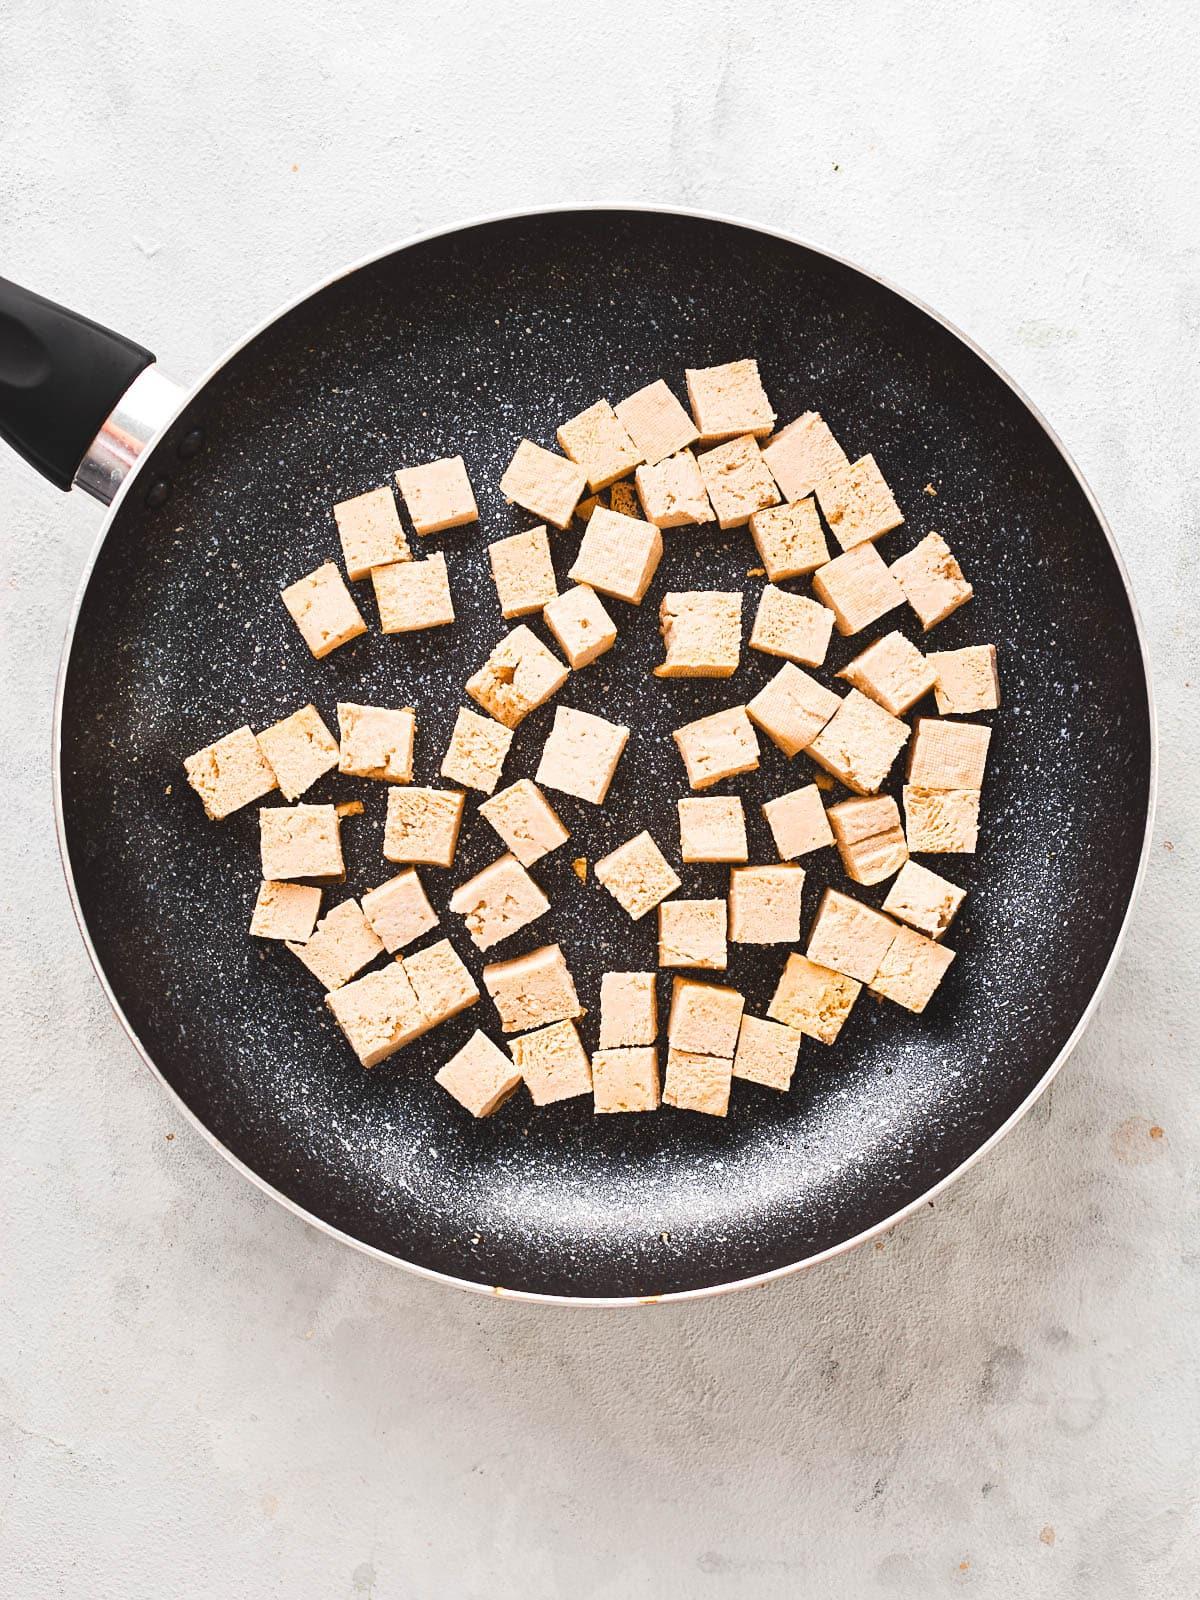 Cubed tofu in frying pan